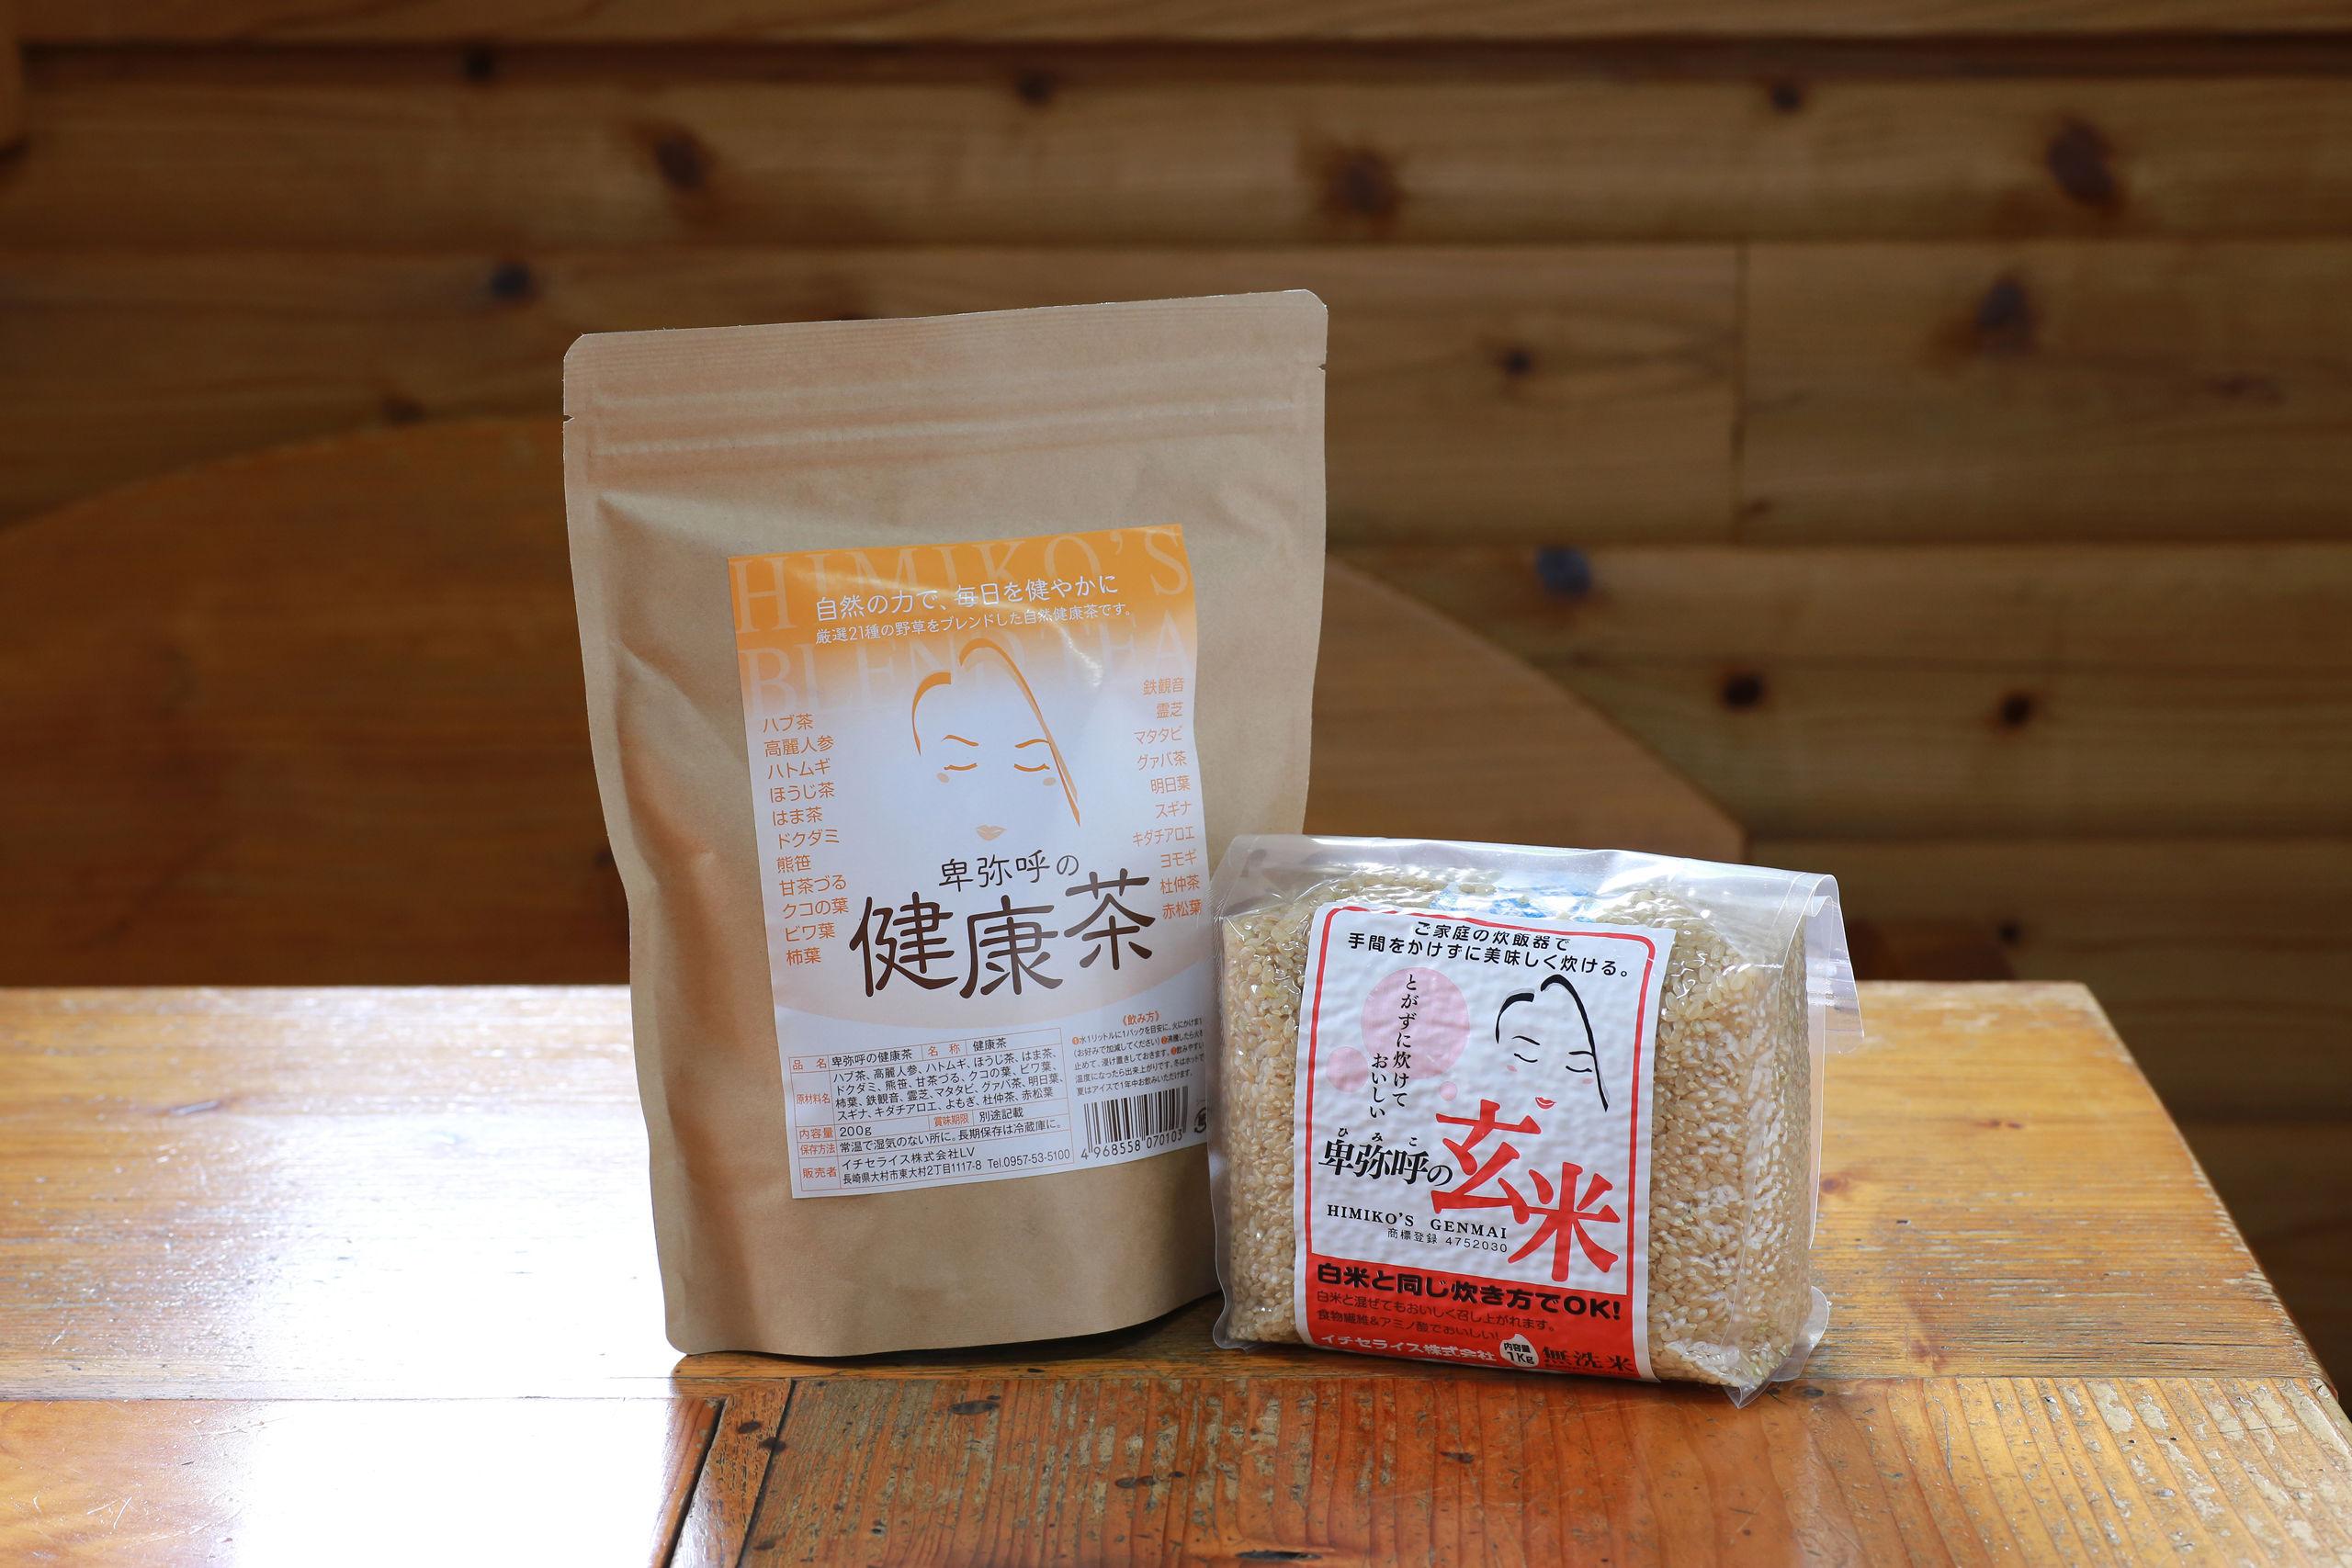 【血液サラサラセット】「無洗米卑弥呼の玄米1kg」と「卑弥呼の健康茶200g」のセット